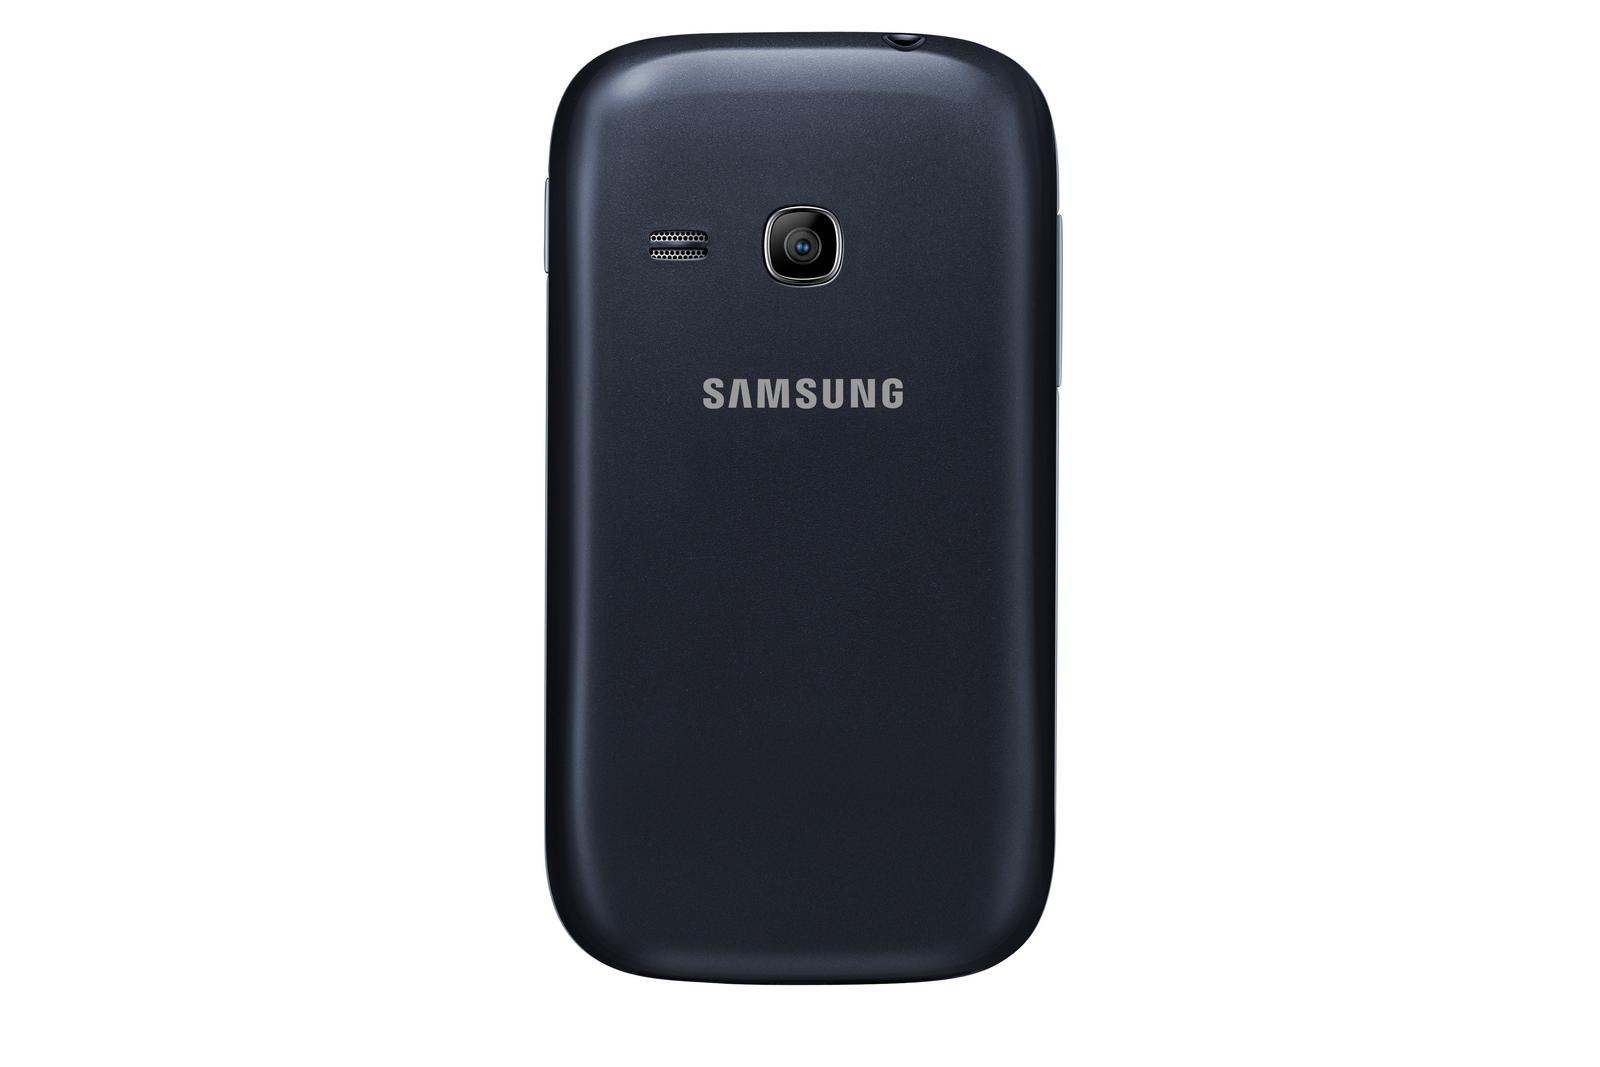 Samsung 200 Euro Smartphones Galaxy Young Duos Und Galaxy